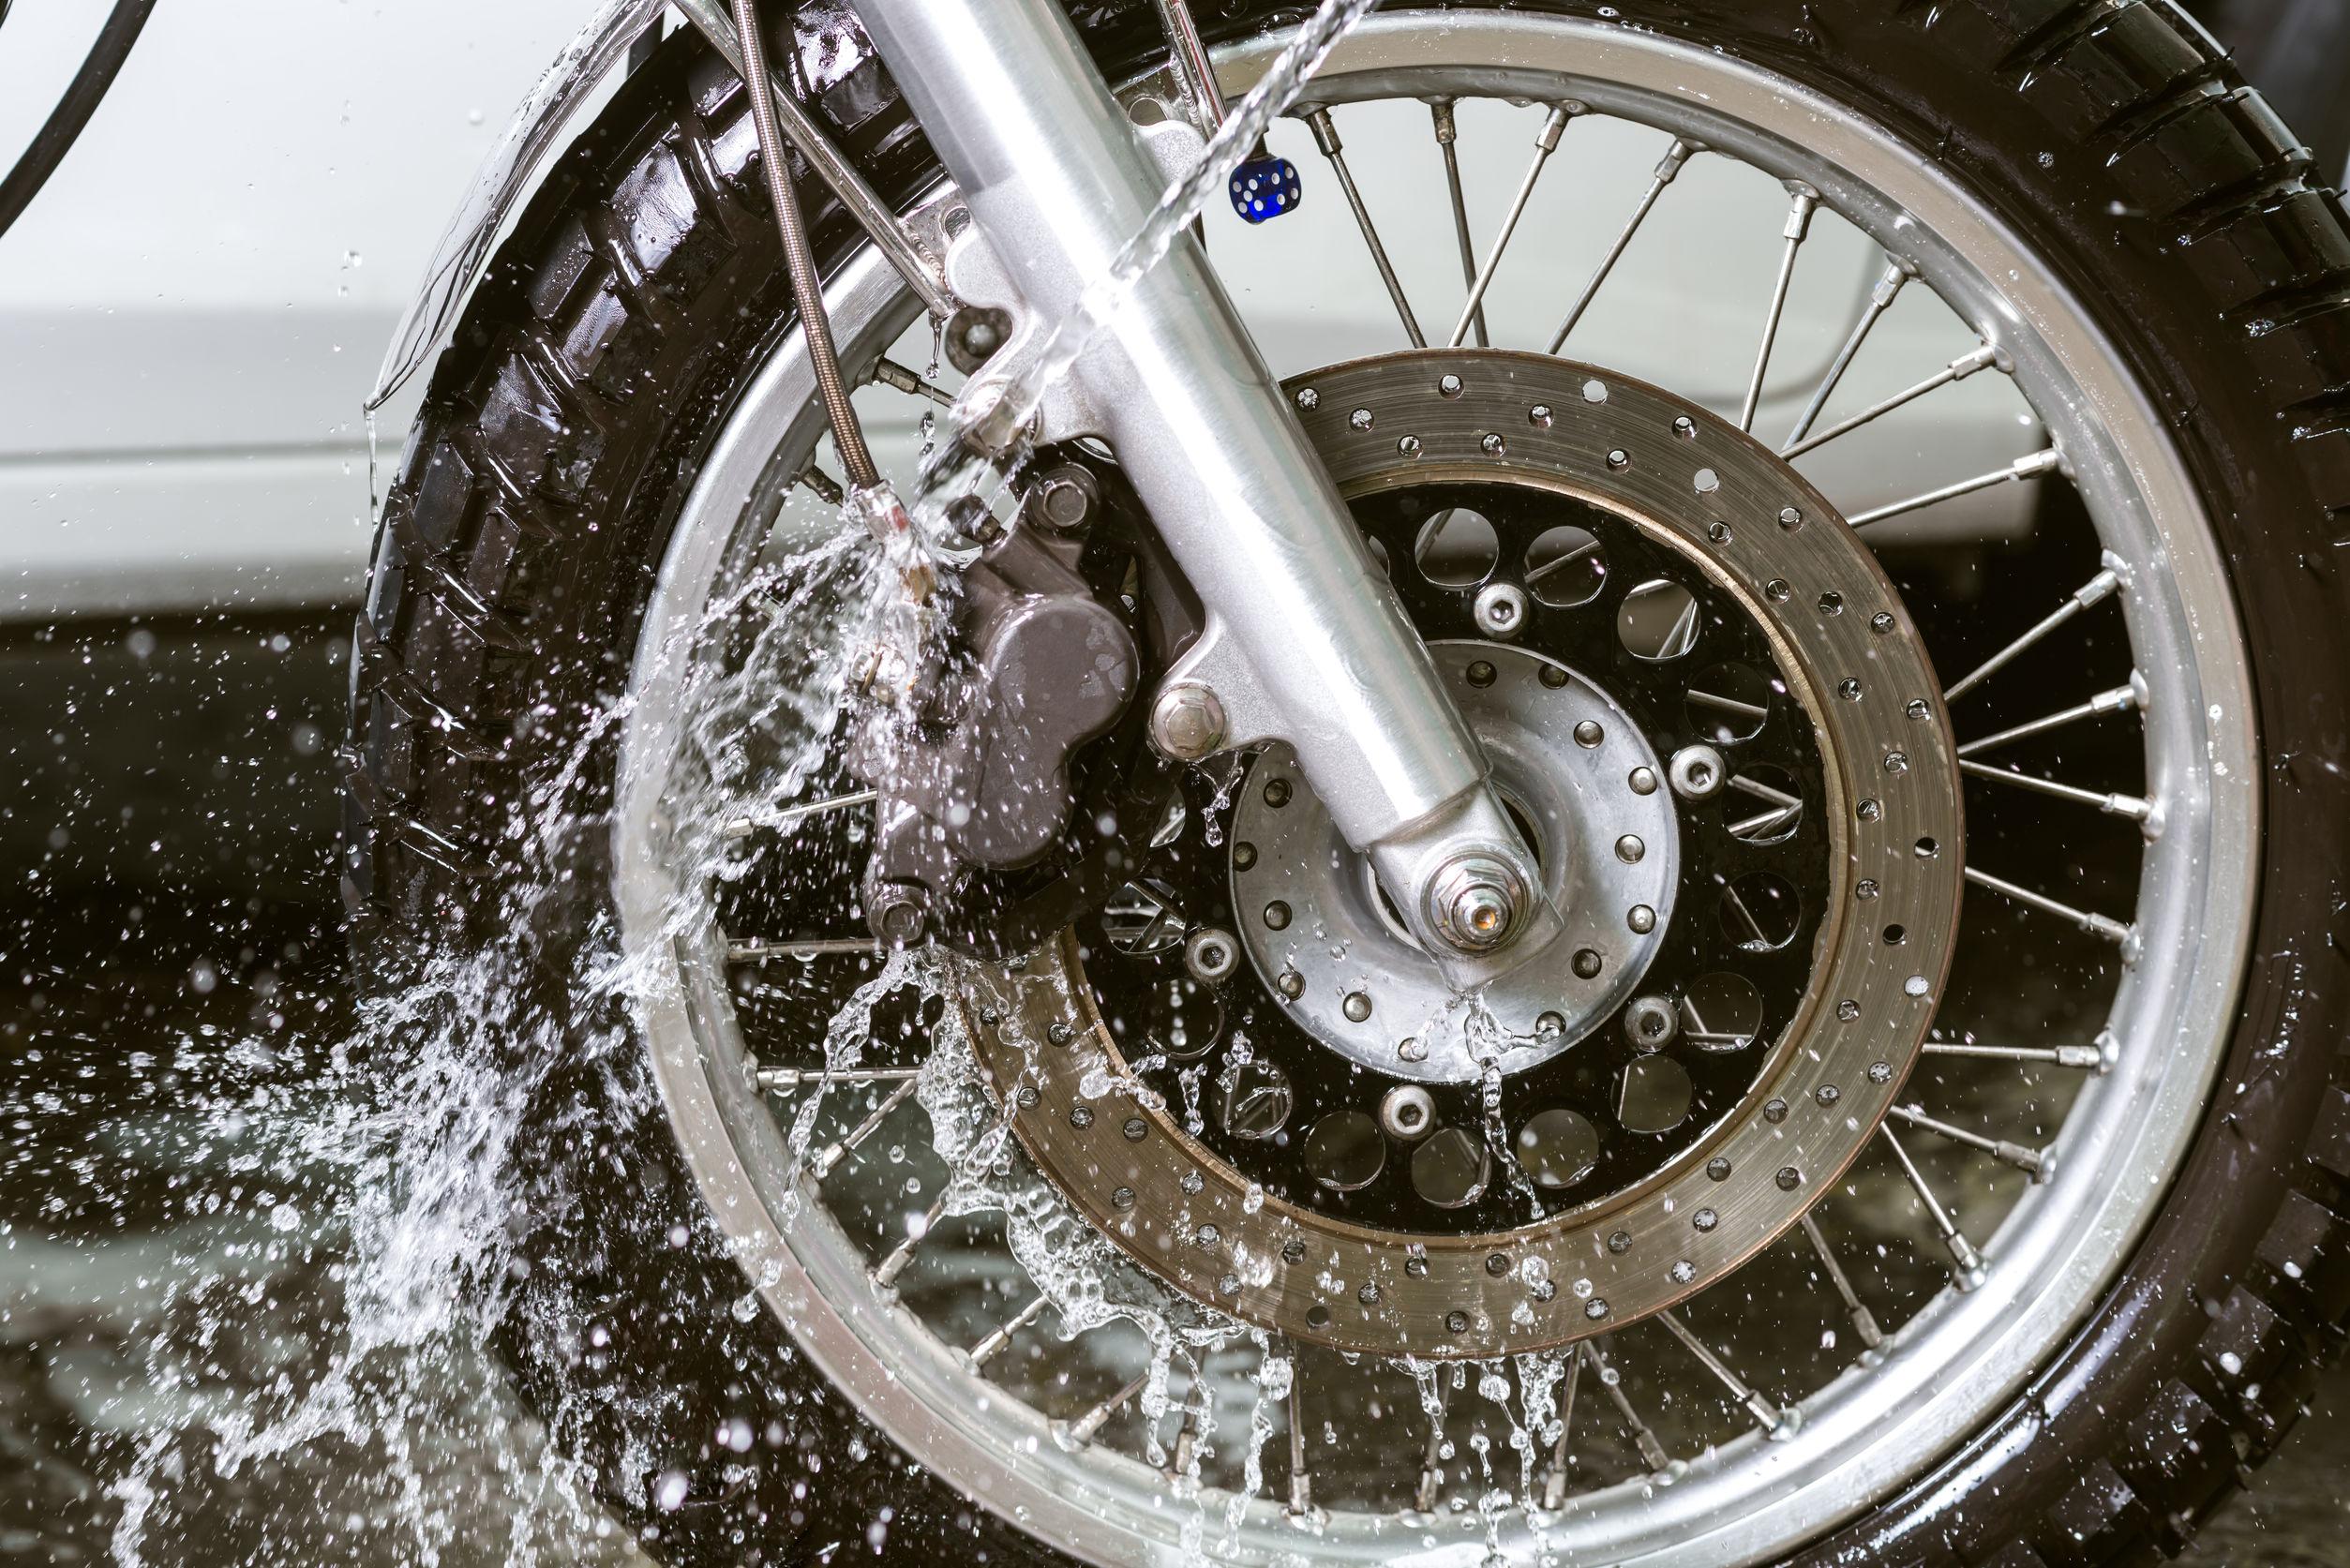 55575104 - motorbike washing series : wash motocycle wheel